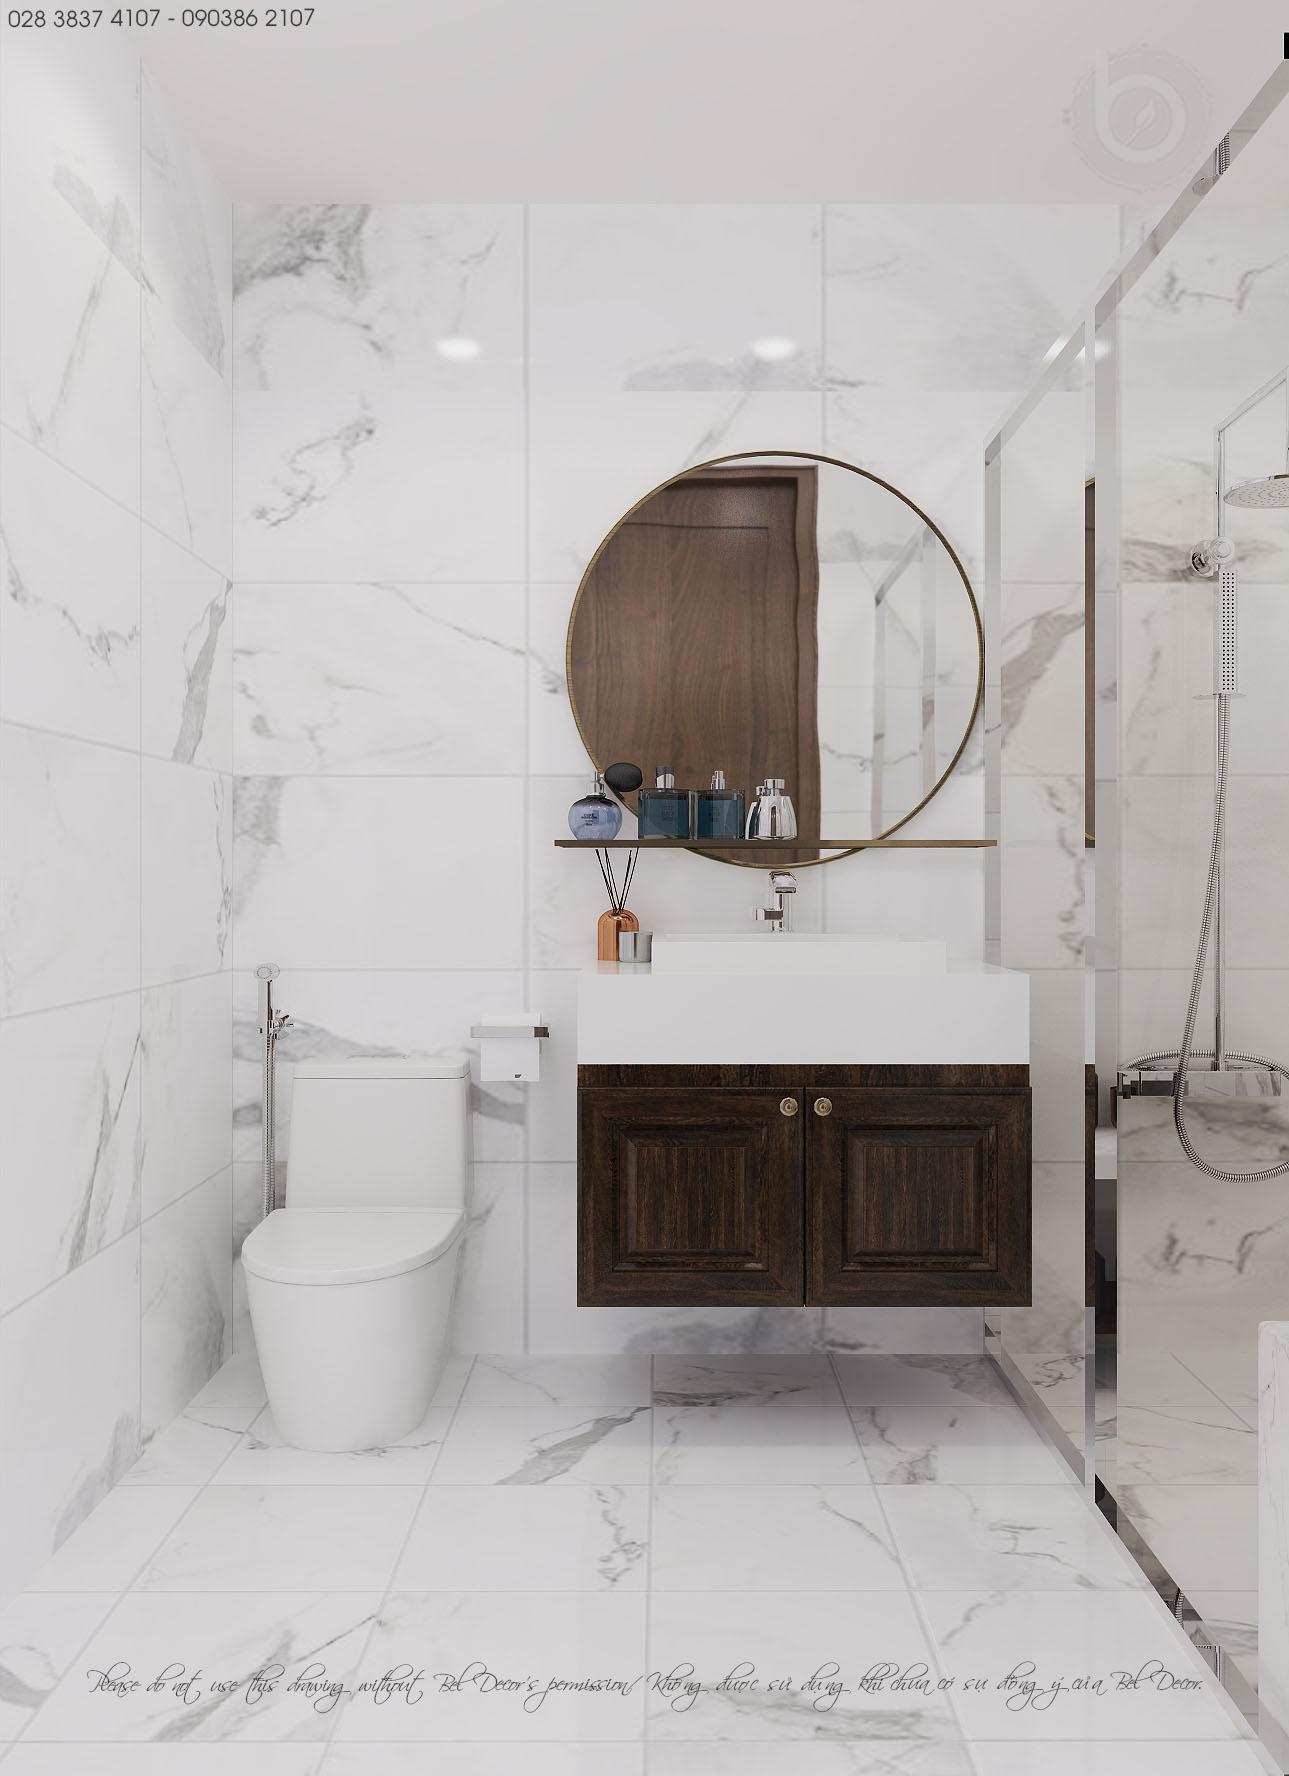 thiết kế nội thất chung cư tại Hồ Chí Minh THIẾT KẾ NỘI THẤT CĂN HỘ (HO1895) 8 1557475036